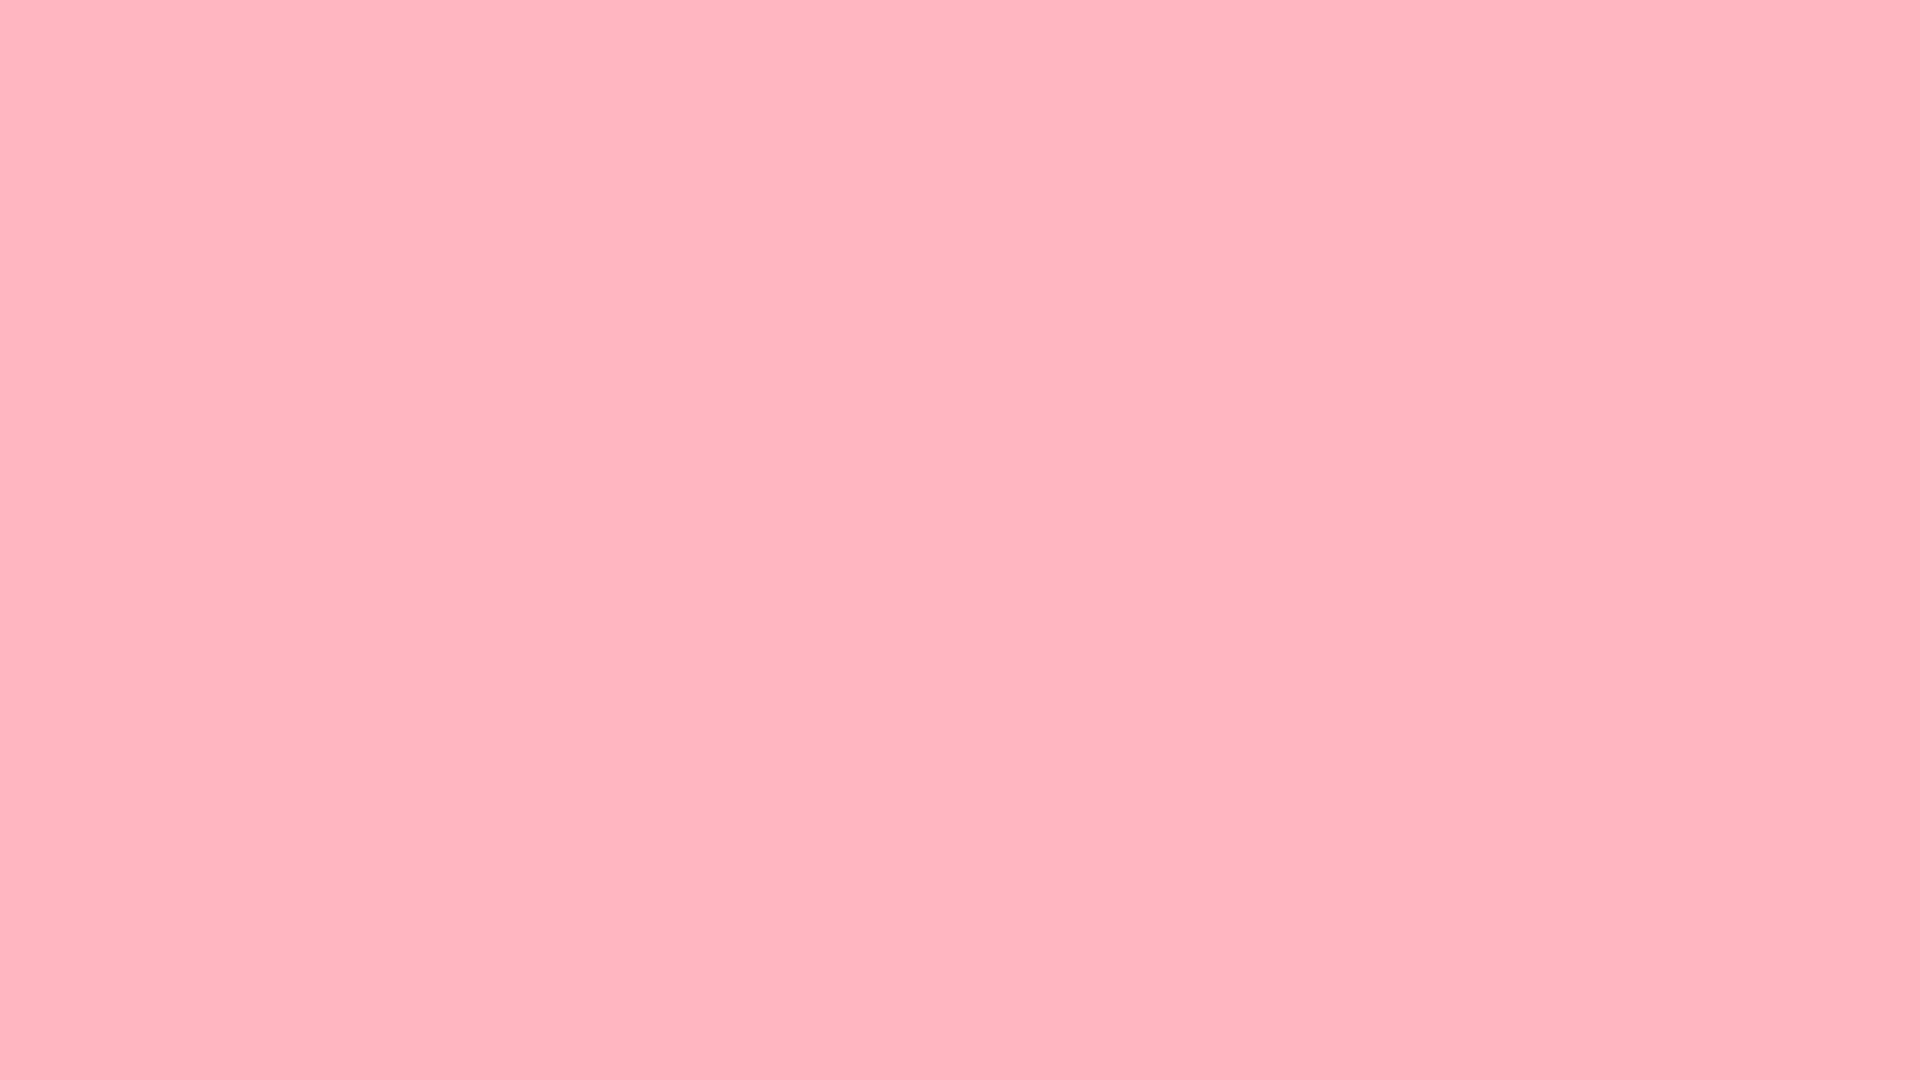 light pink design background images. Light Pink Design Background Images. light  pink wallpapers …